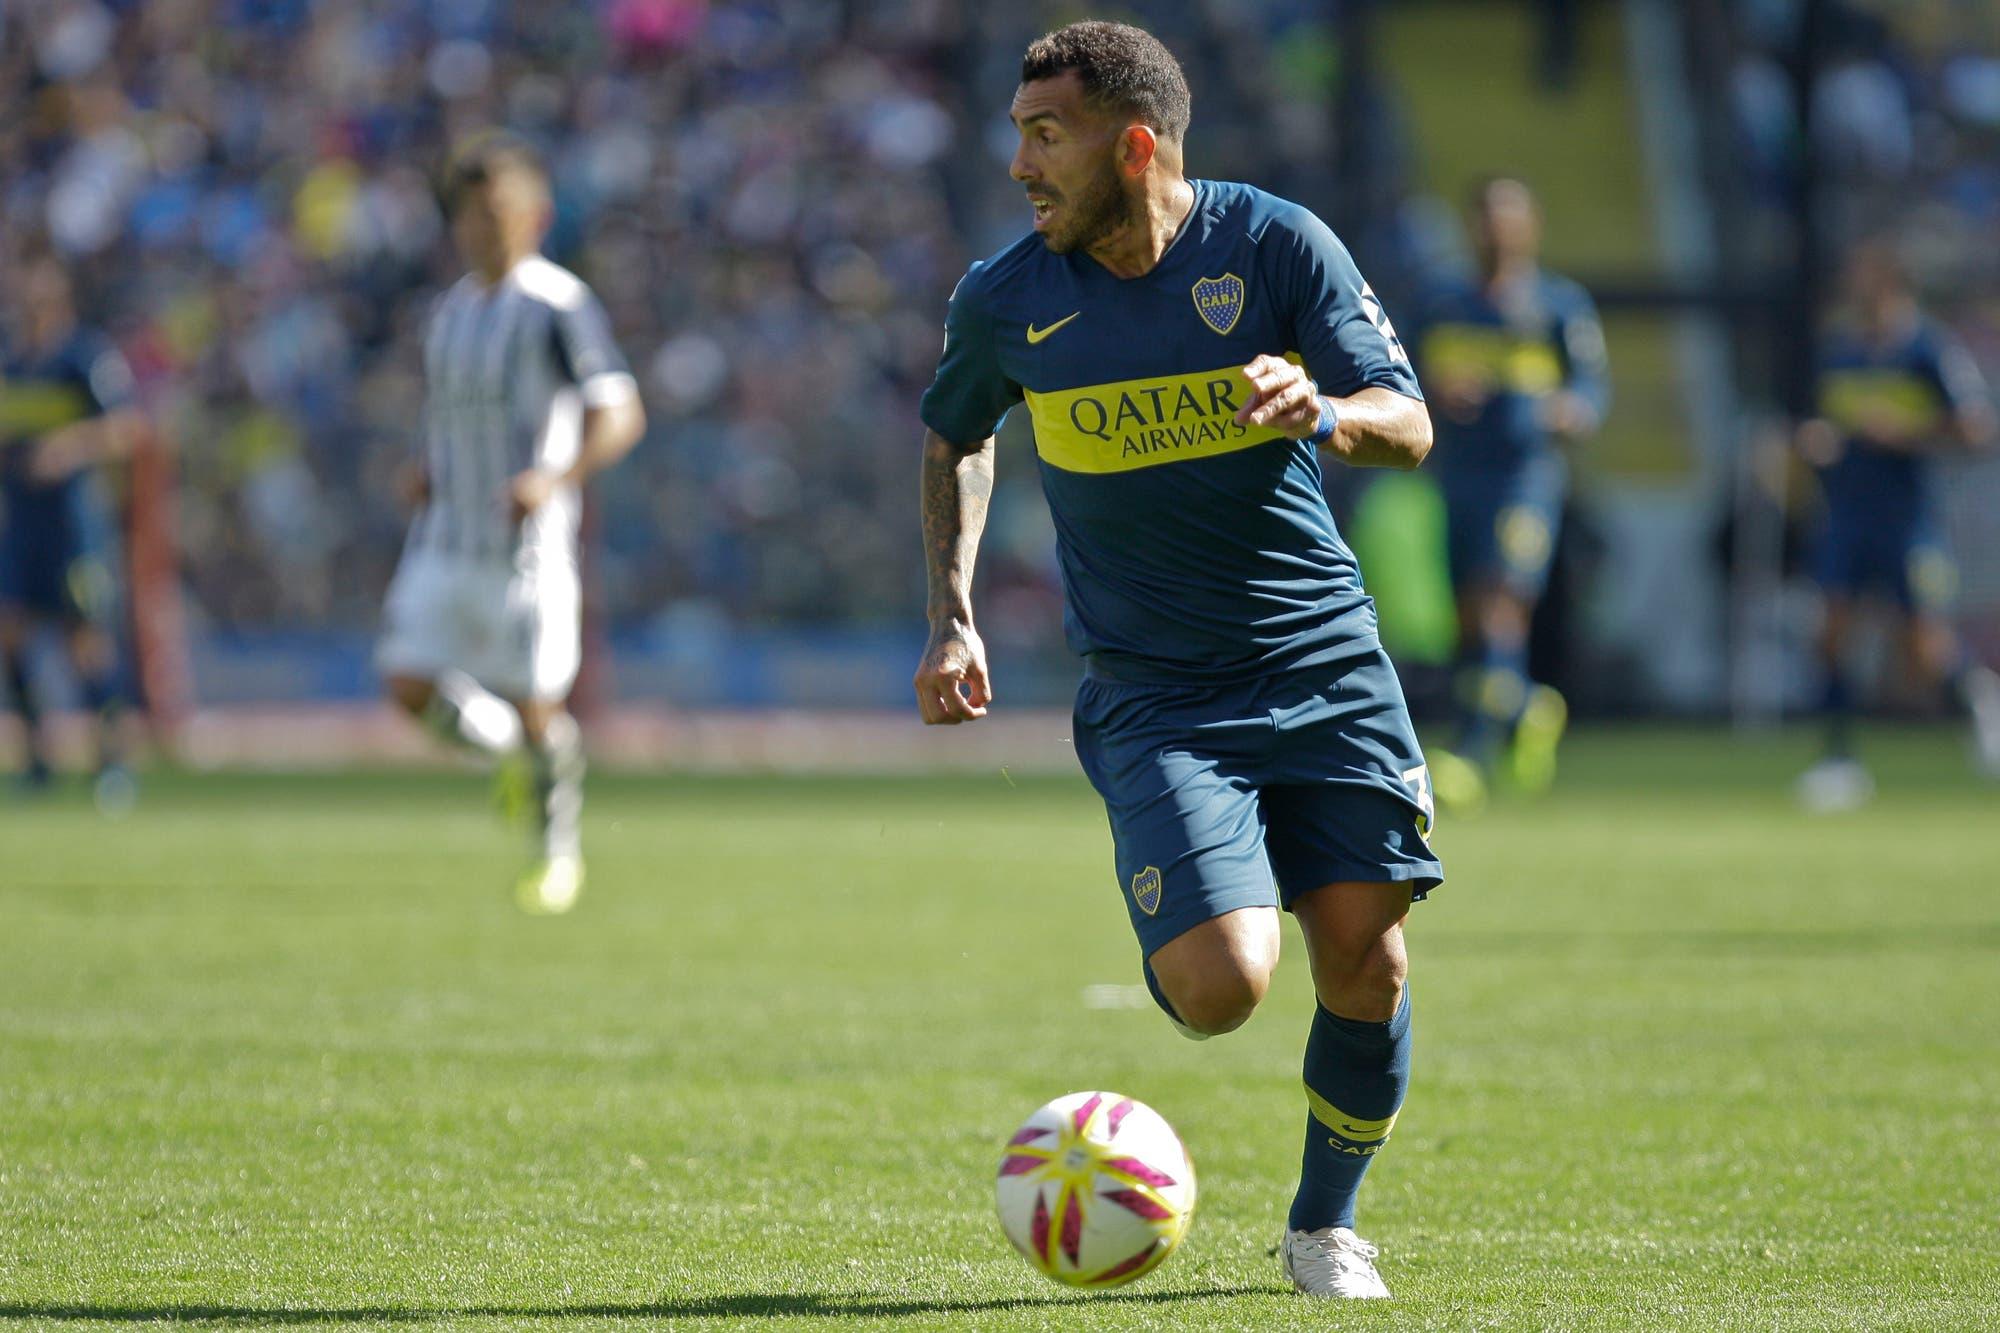 Newell's Old Boys-Boca Juniors, Superliga: los datos del partido de este domingo